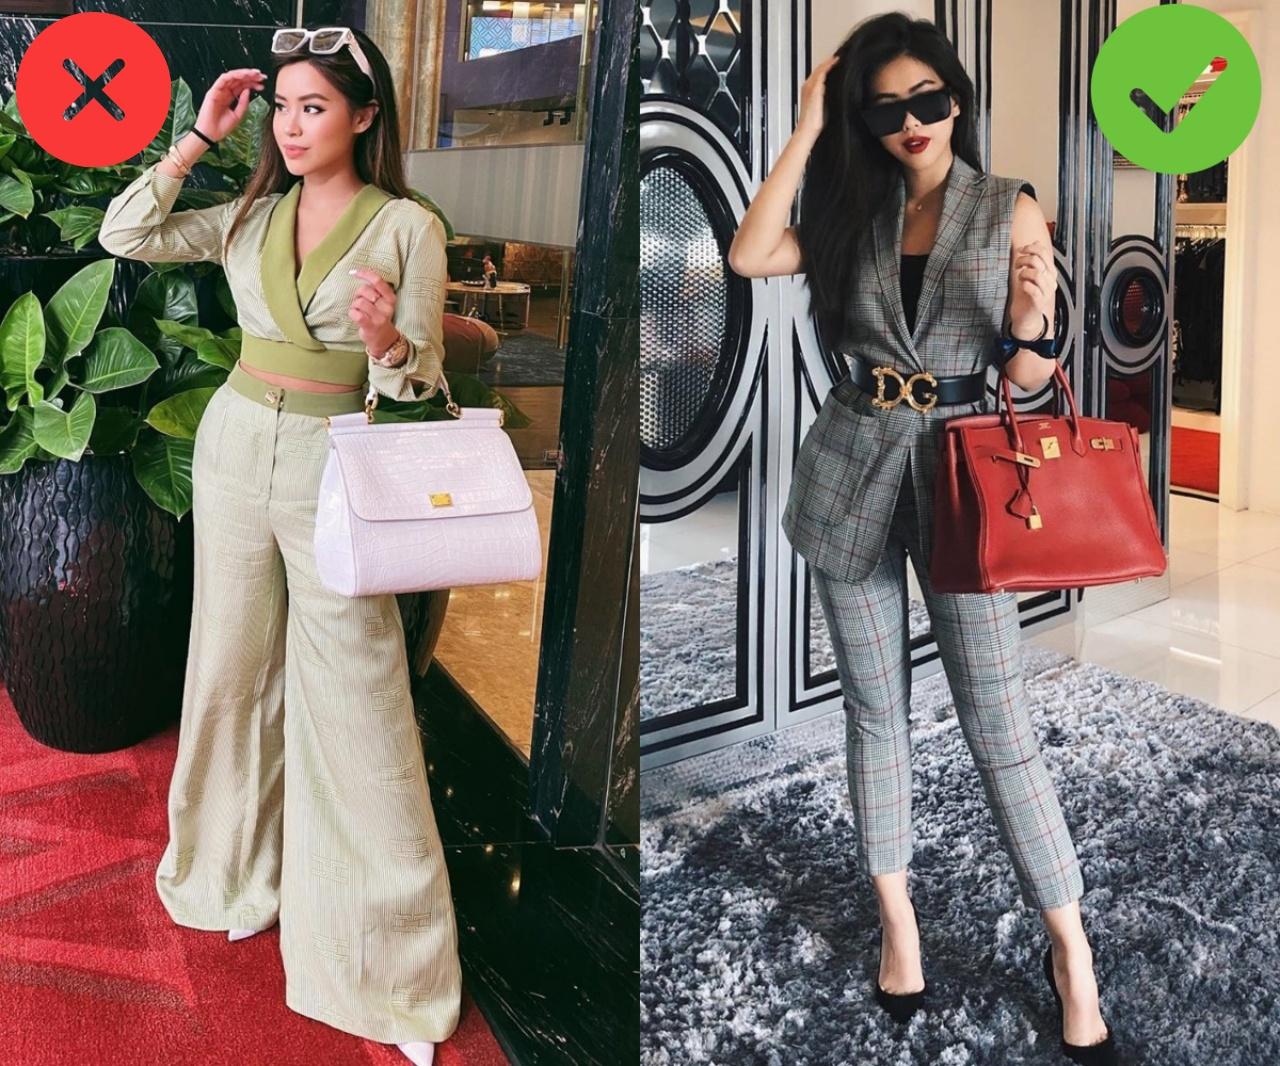 Nổi tiếng mặc đẹp mà rich kid Tiên Nguyễn cũng có ngày chọn nhầm hàng hiệu khiến vóc dáng bị dìm thảm hại - Ảnh 1.